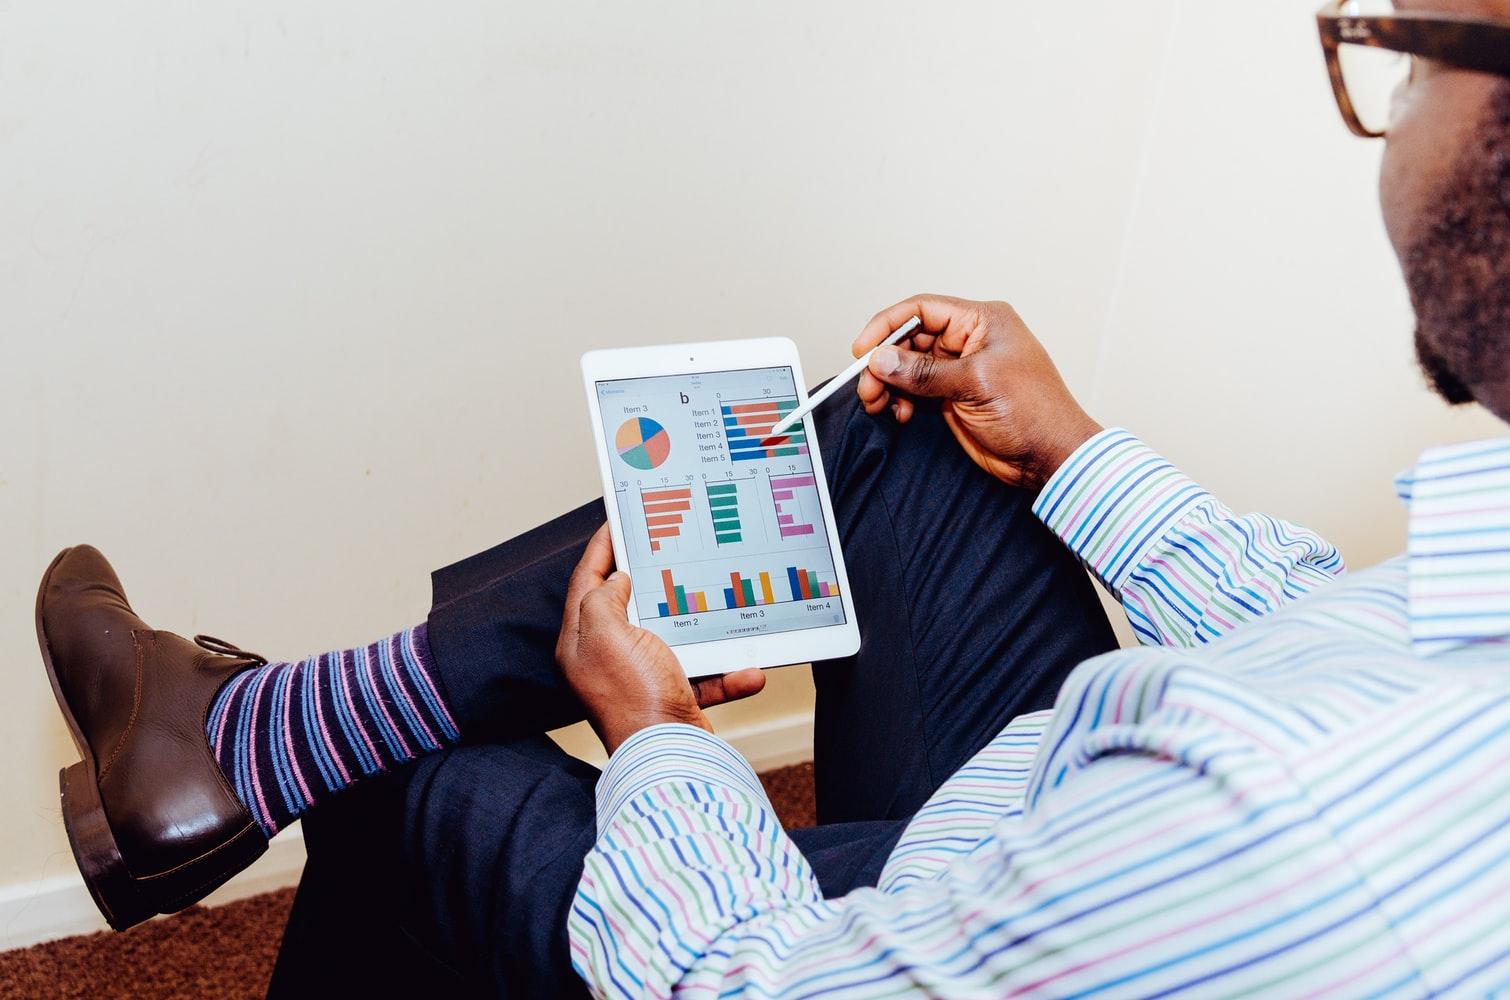 simulateur d'investissement locatif est un atout important pour les investisseurs. Cependant les simulateurs présentent de nombreuses limites.